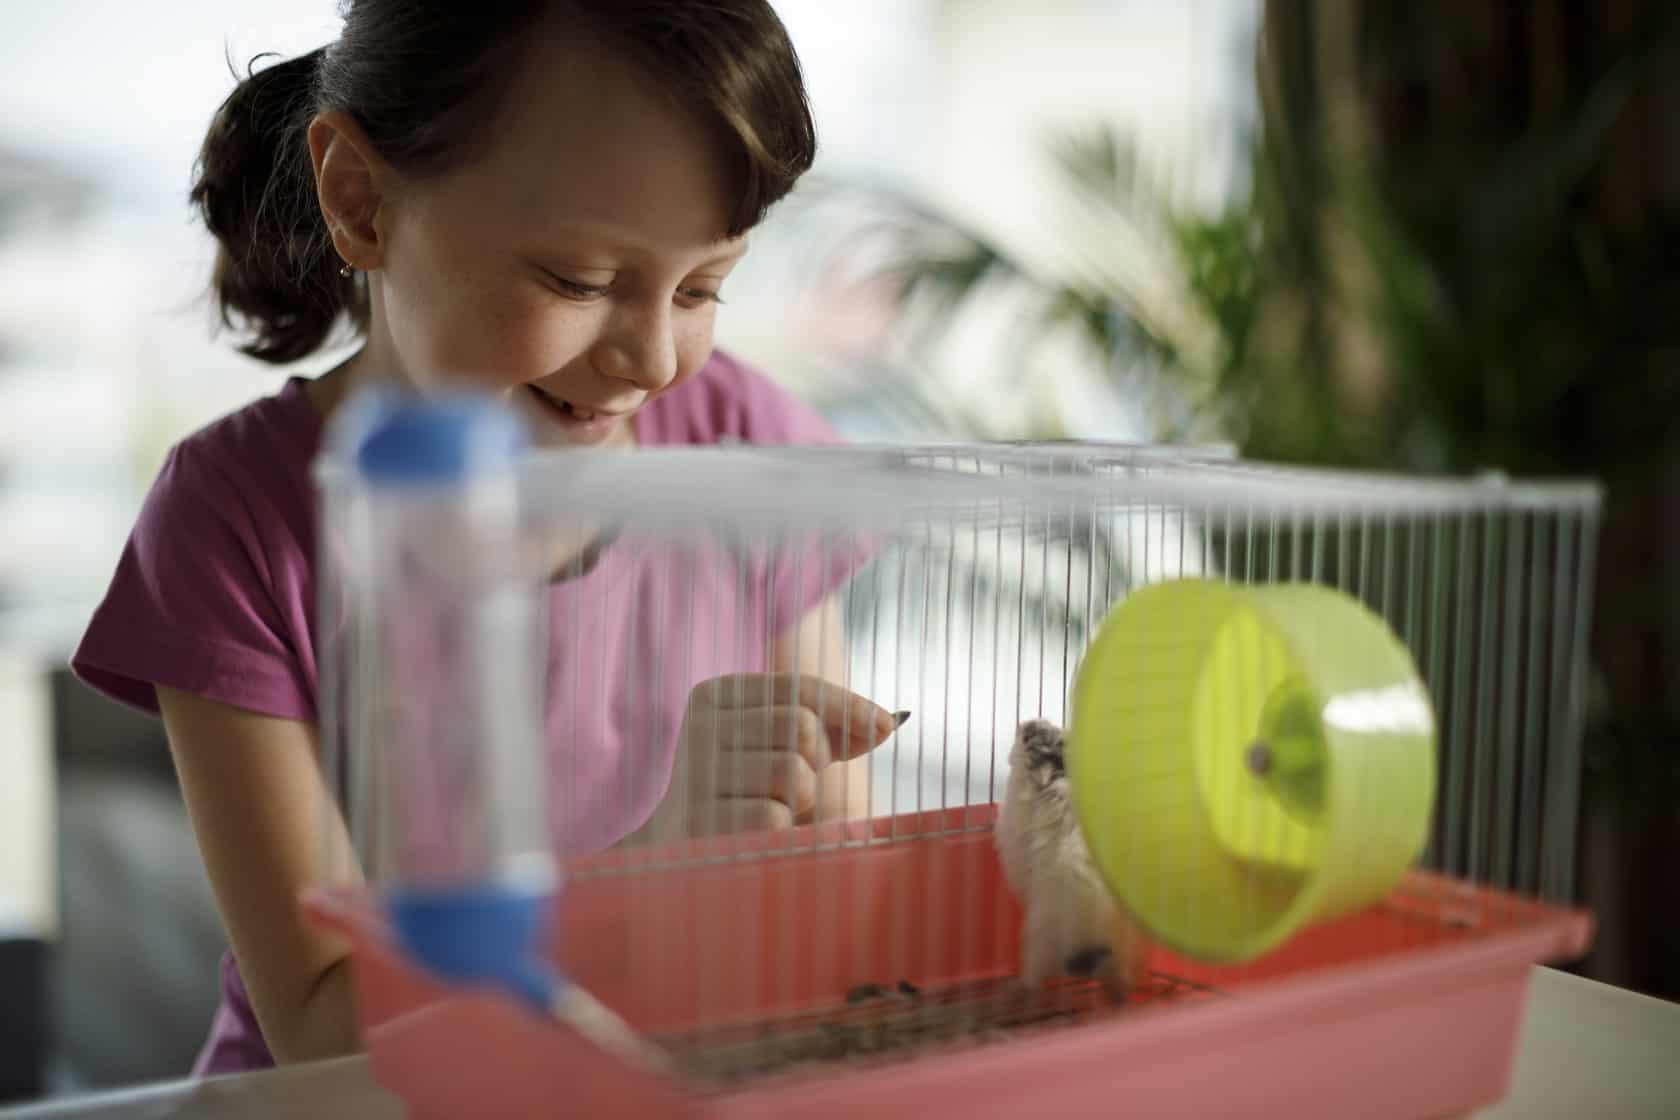 niña jugando con un hamster